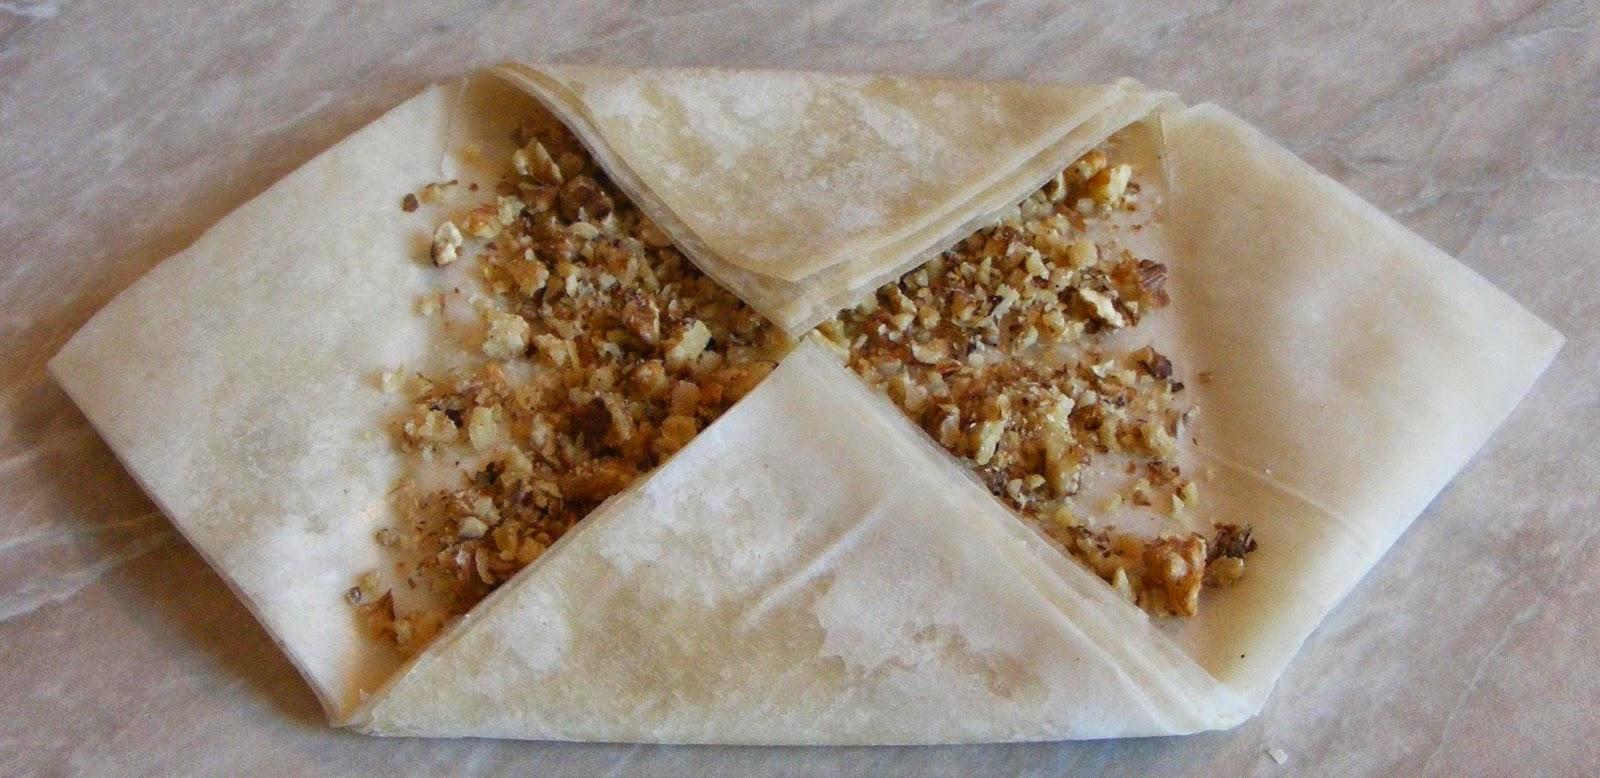 preparare baclavale, preparare baclava, cum se prepara baclavale, cum facem baclavale, cum se prepara baclavalele cu foi de placinta si nuca, retete si preparate culinare baclava, cum se prepara baclava,